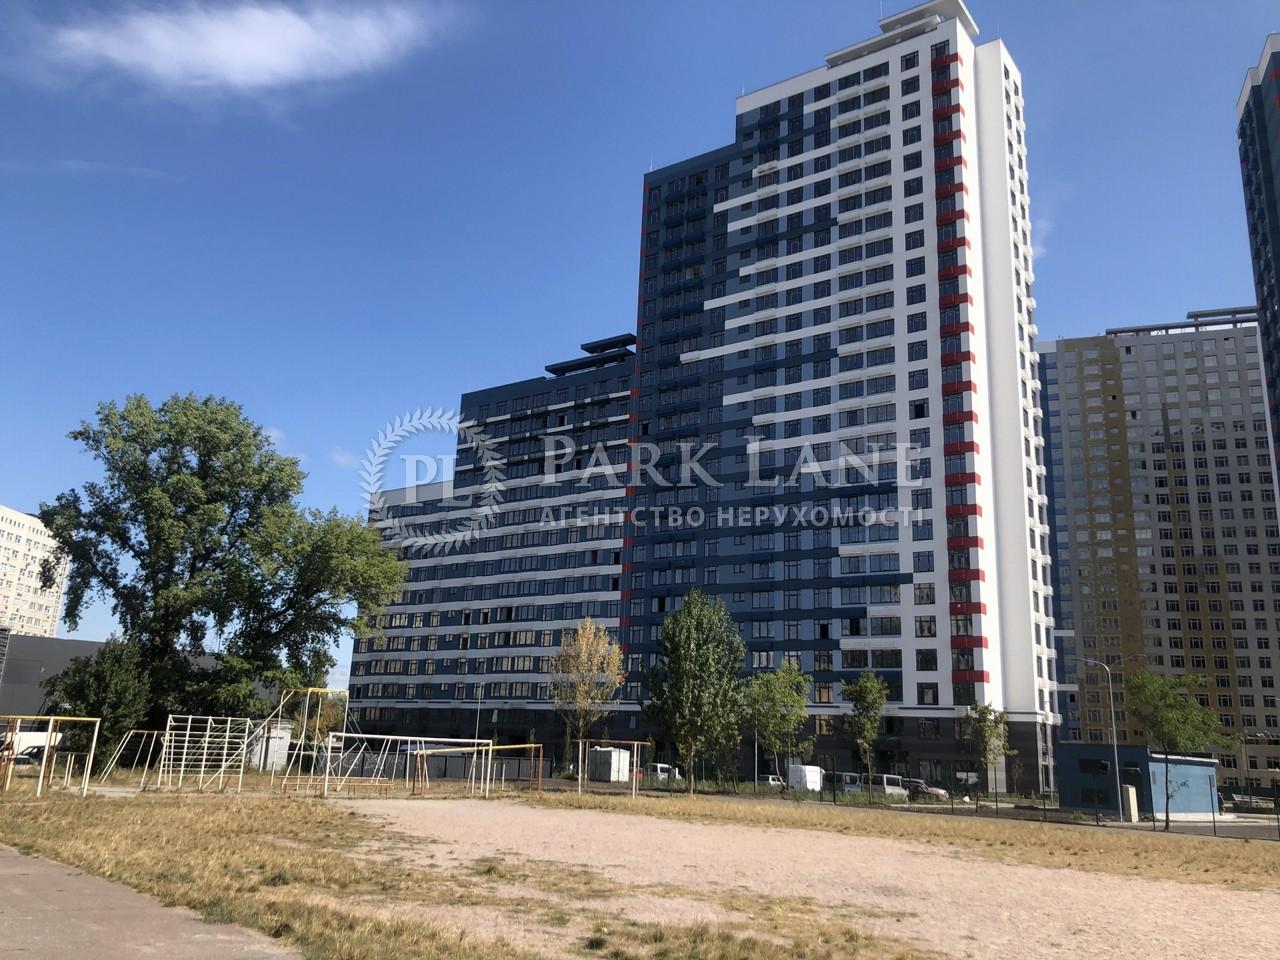 Квартира ул. Сверстюка Евгения (Расковой Марины), 4 корпус 4, Киев, H-47418 - Фото 6